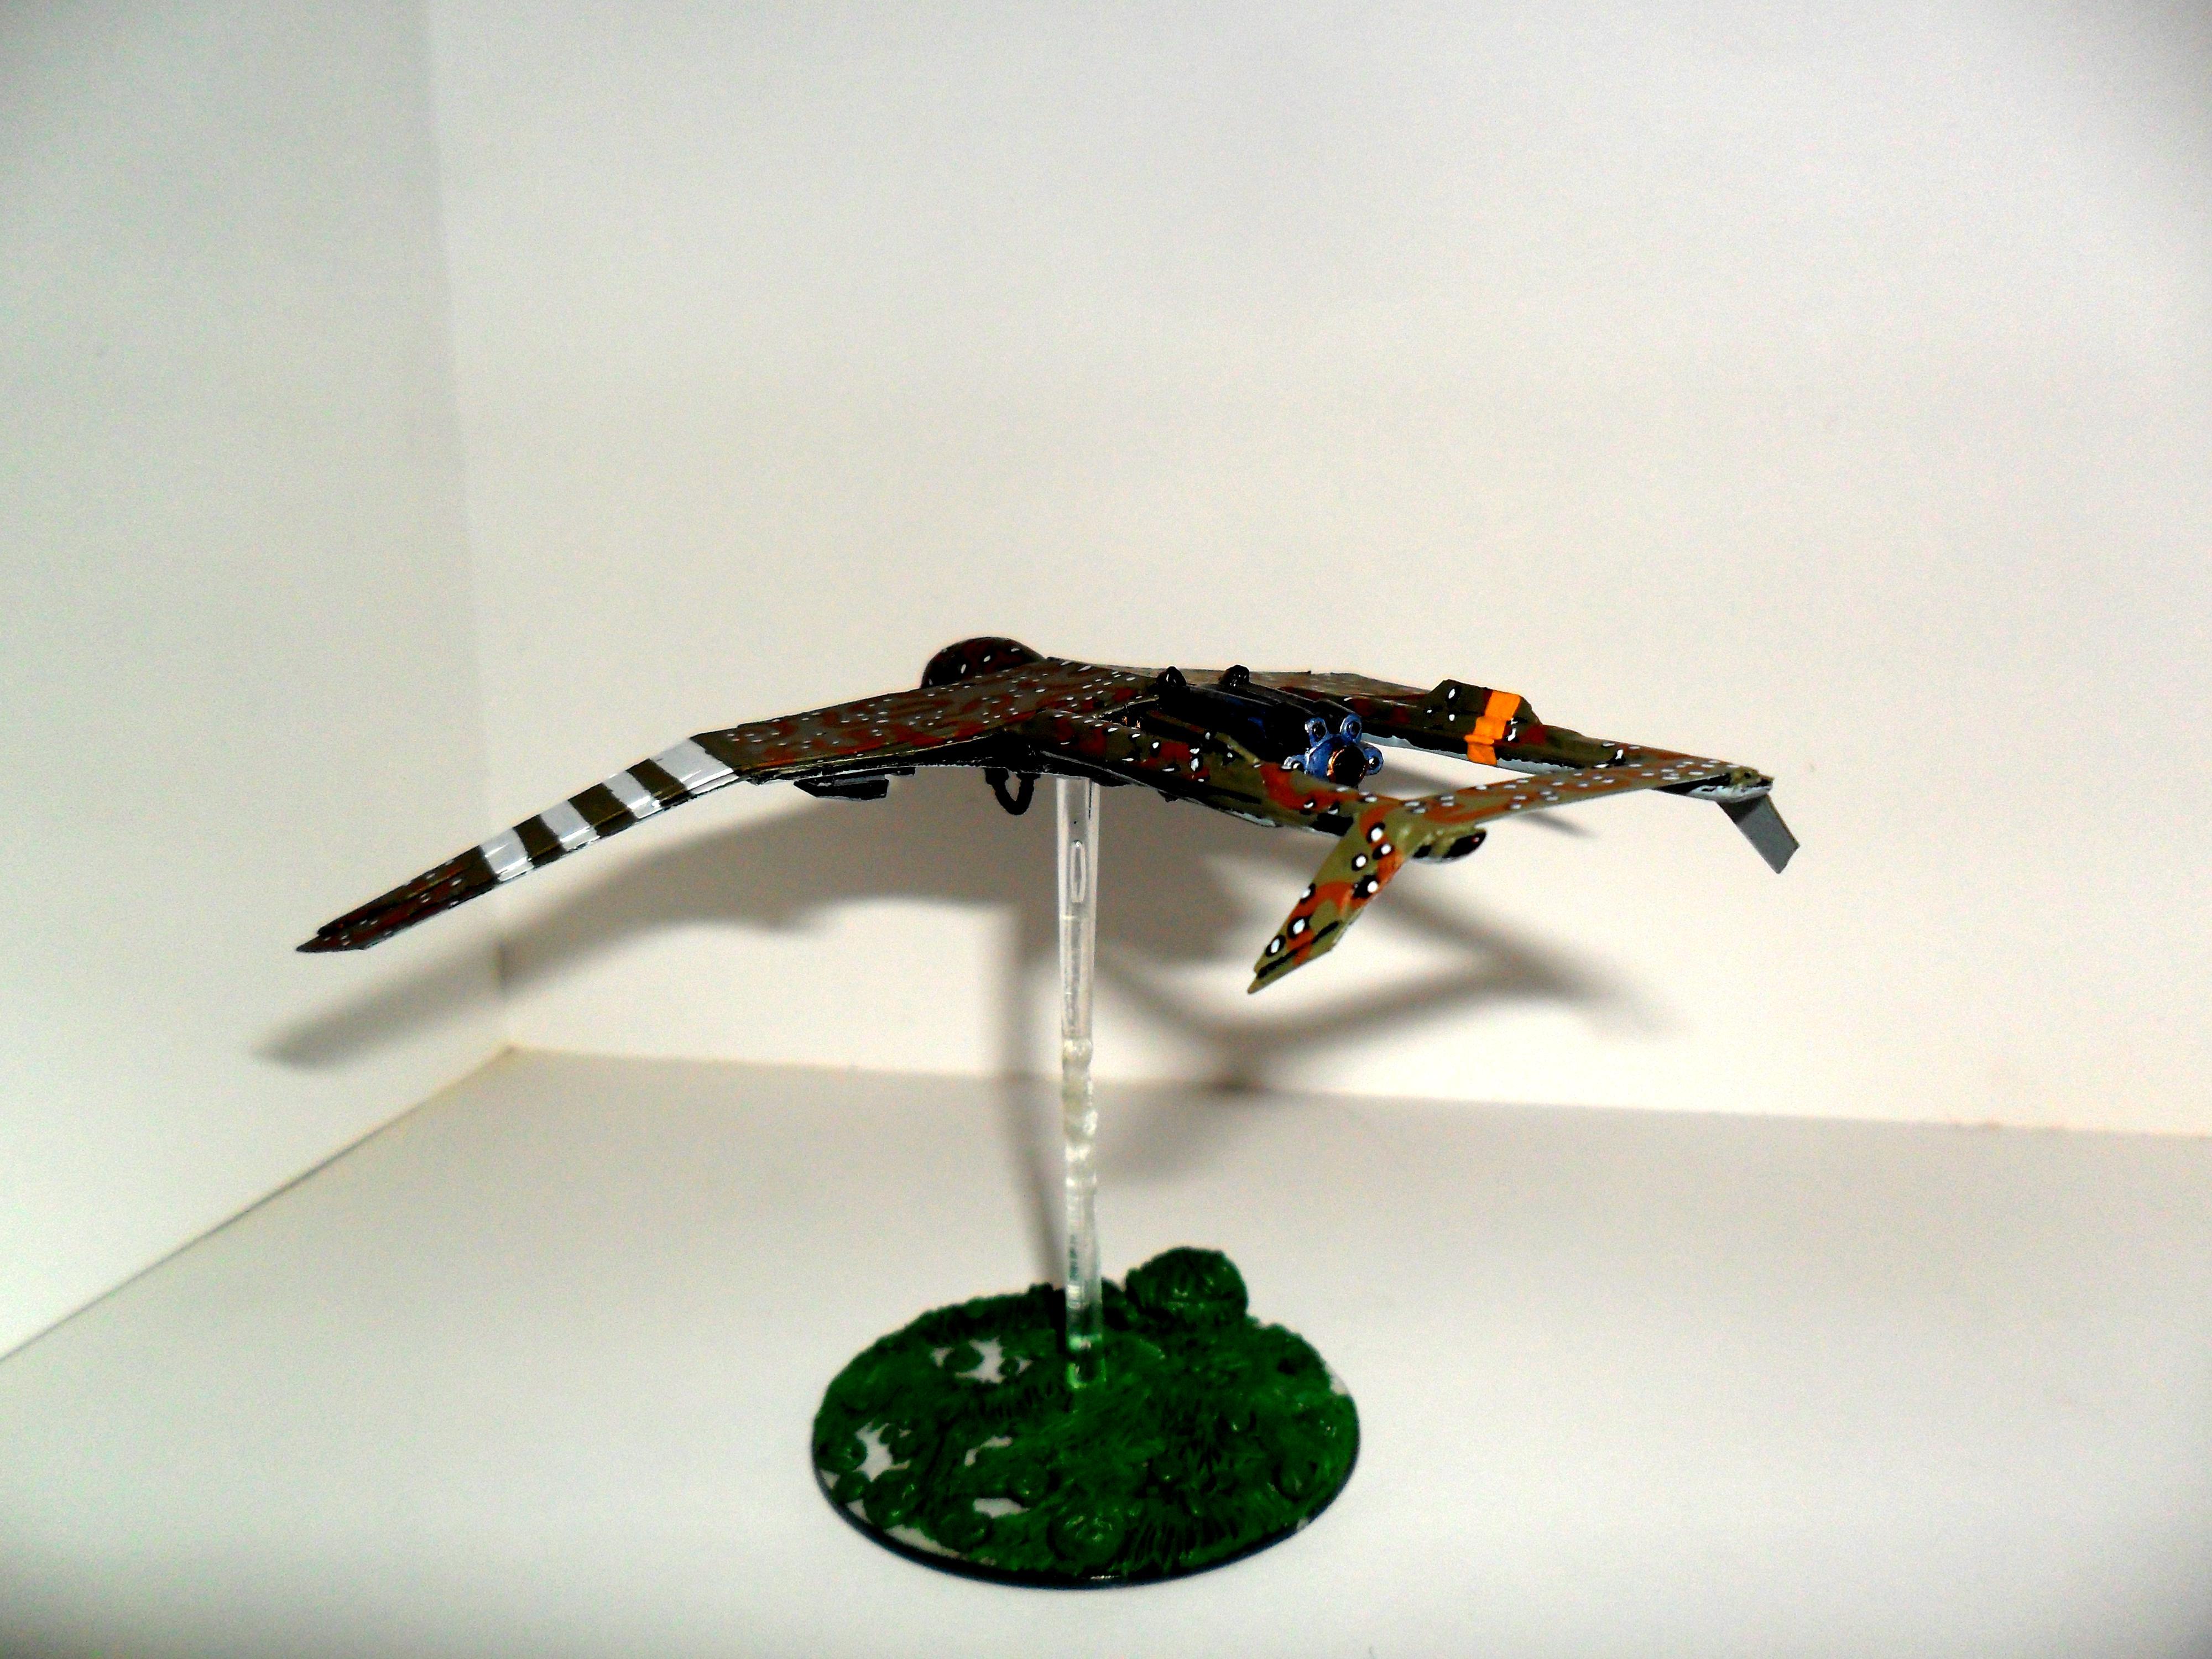 Imperial Guard, Imperial Gaurd Predator Drone